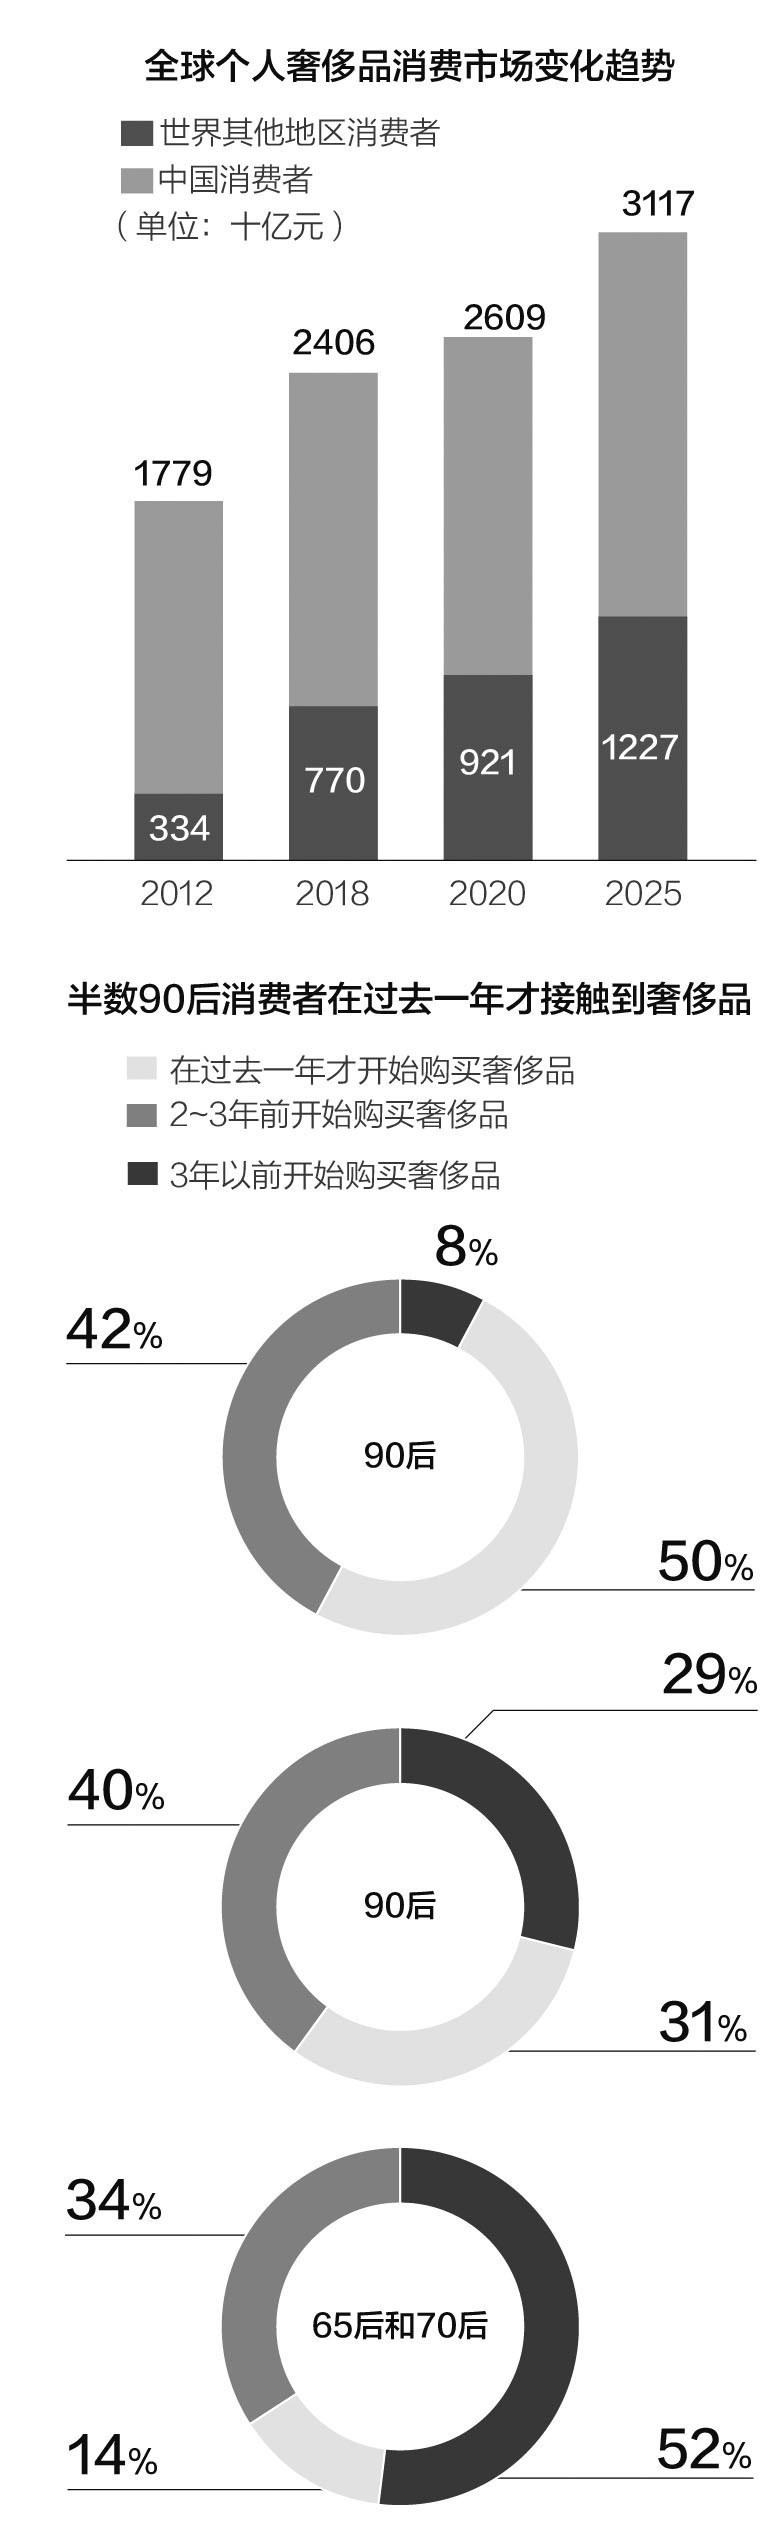 中国奢侈品电商走到十字路口 转型是歧路 还是尚存机会?